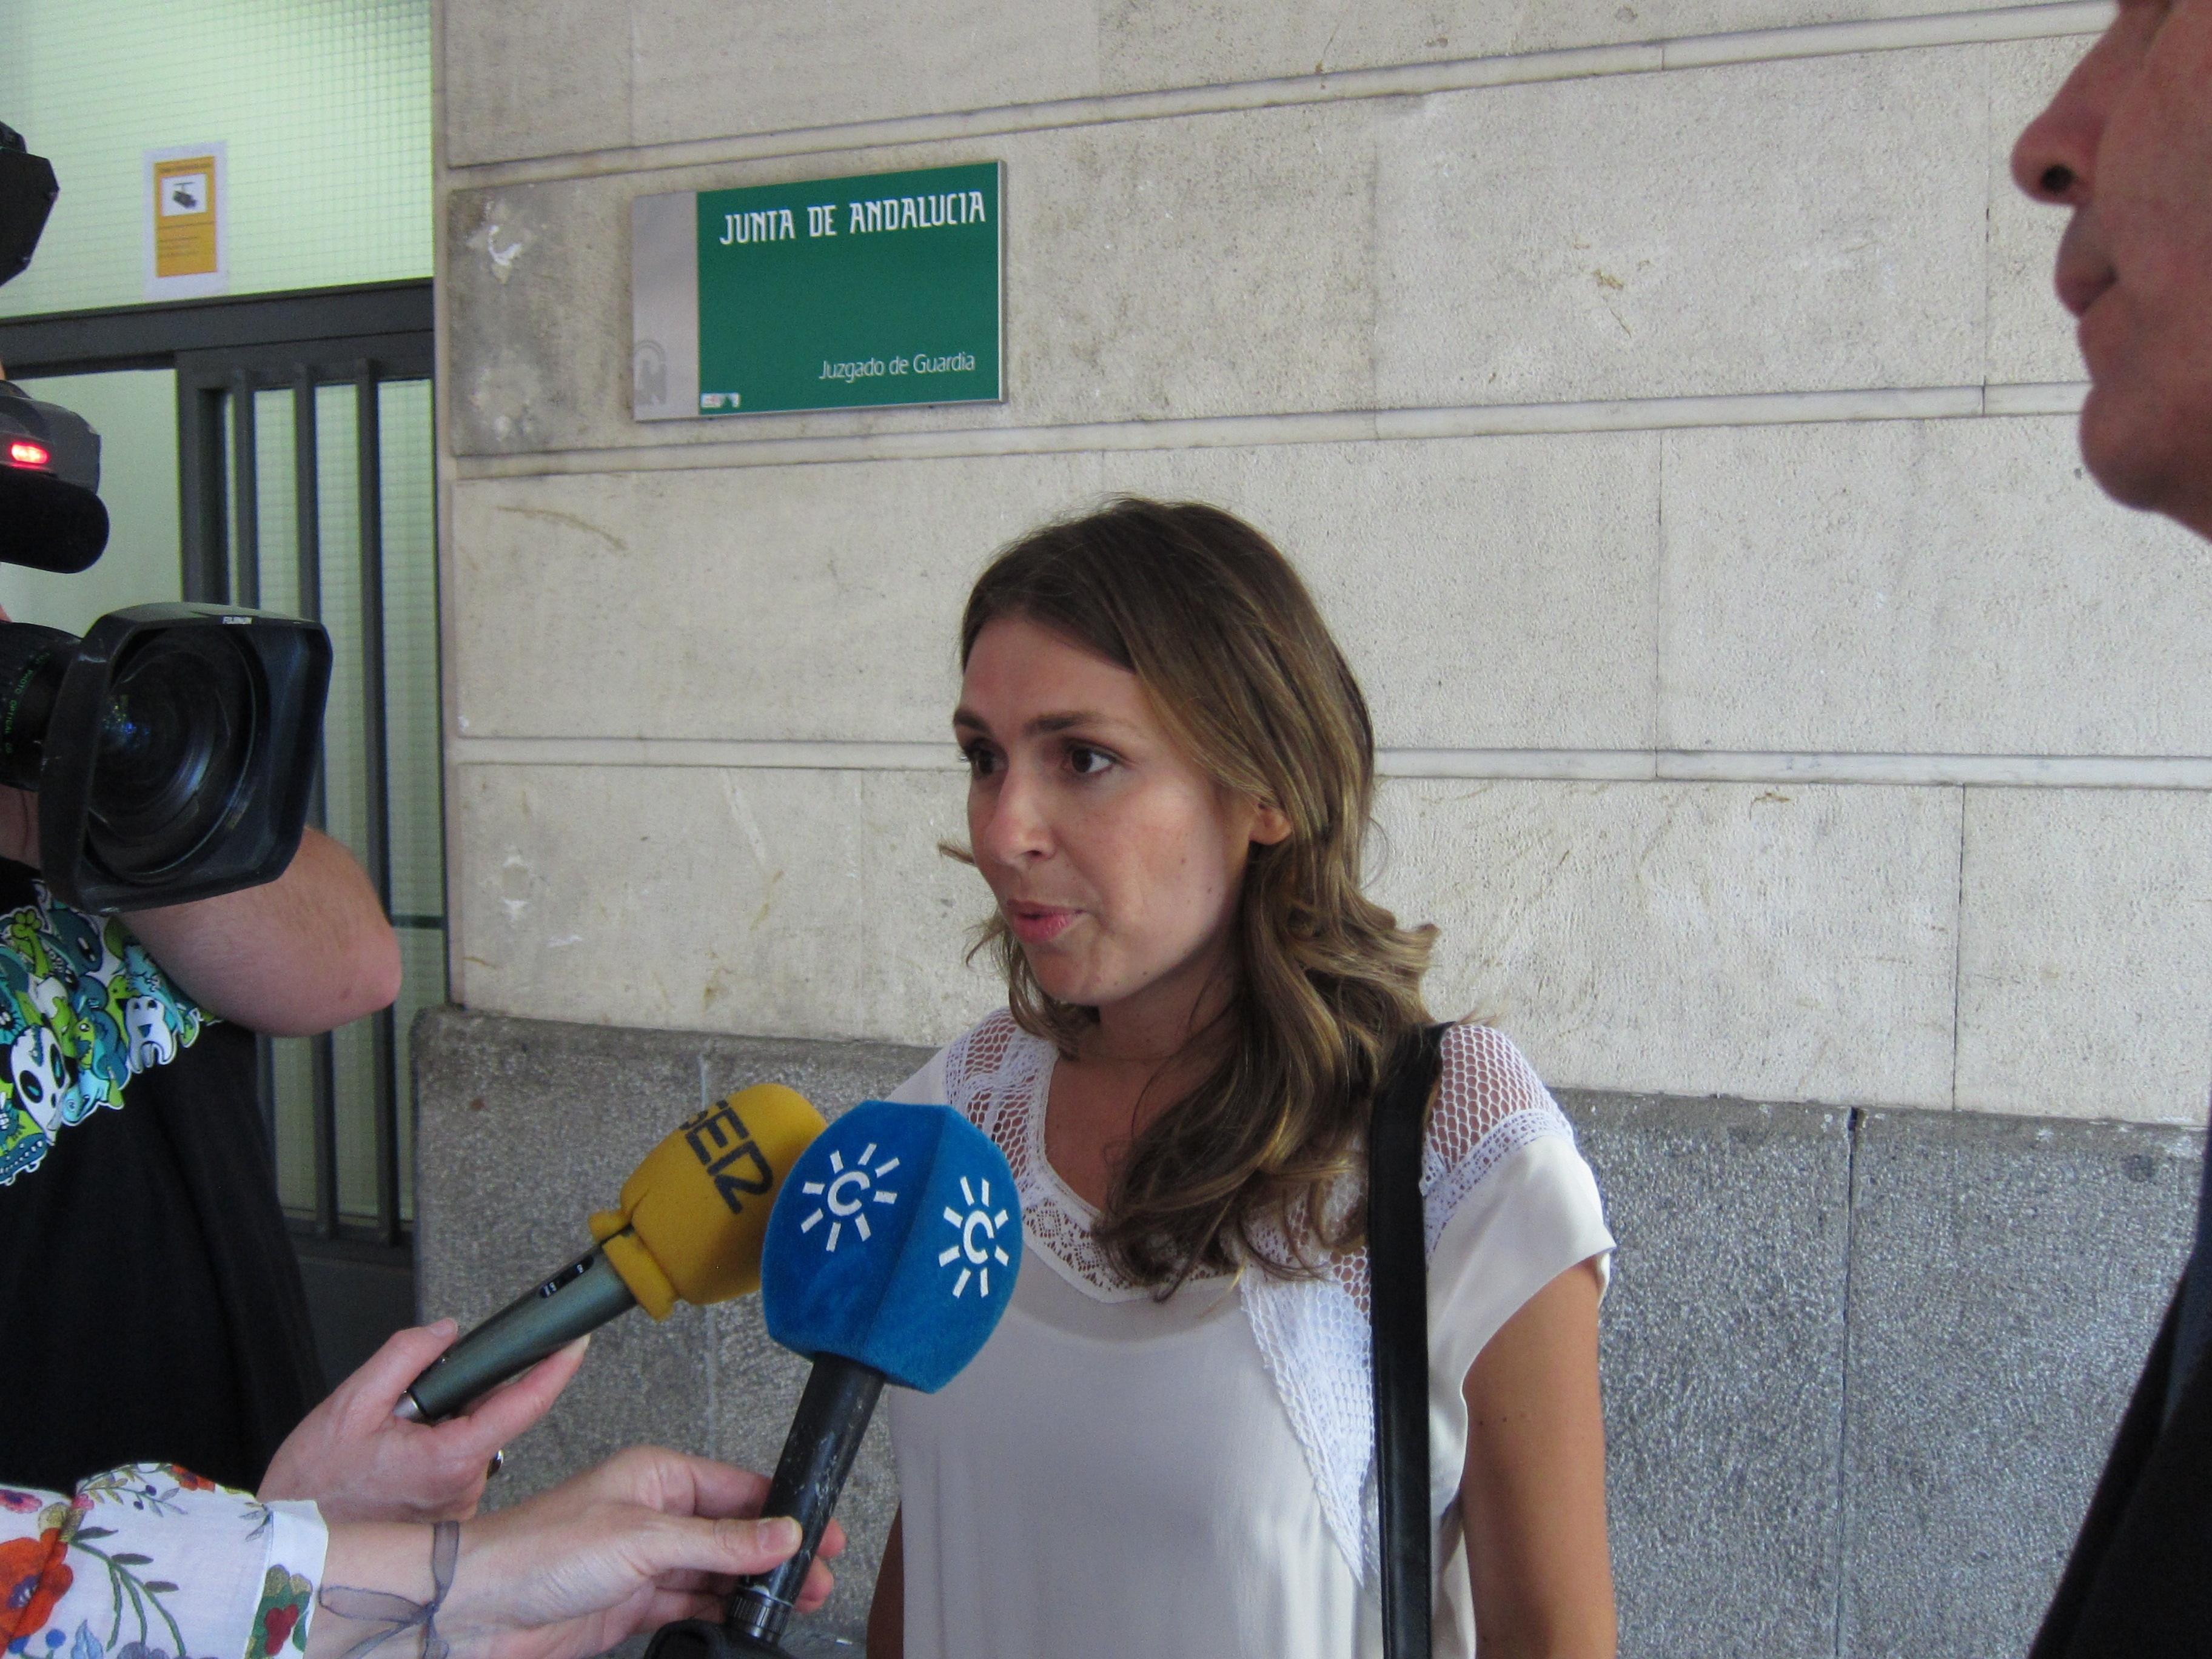 La expresidenta de Invercaria defiende que ha trabajado «de forma honrada y profesional» y pide «respeto»